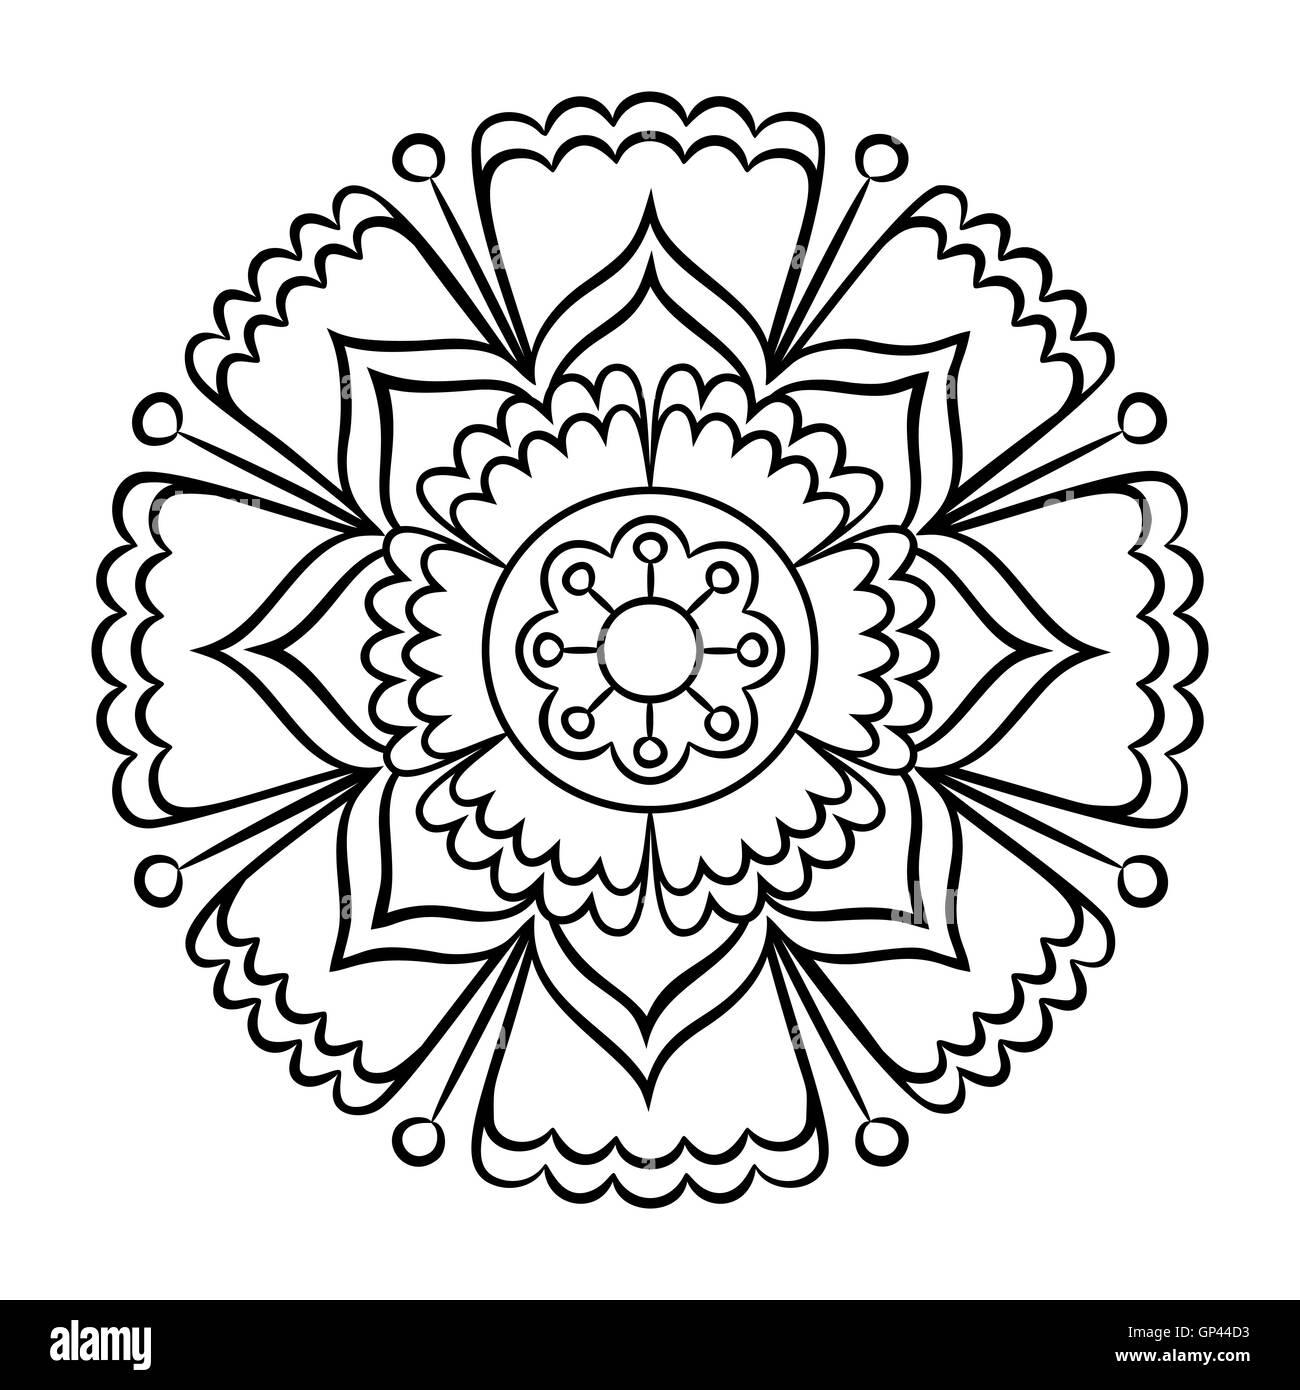 Wunderbar Blumen Mandala Malvorlagen Fortgeschrittene Ebene ...